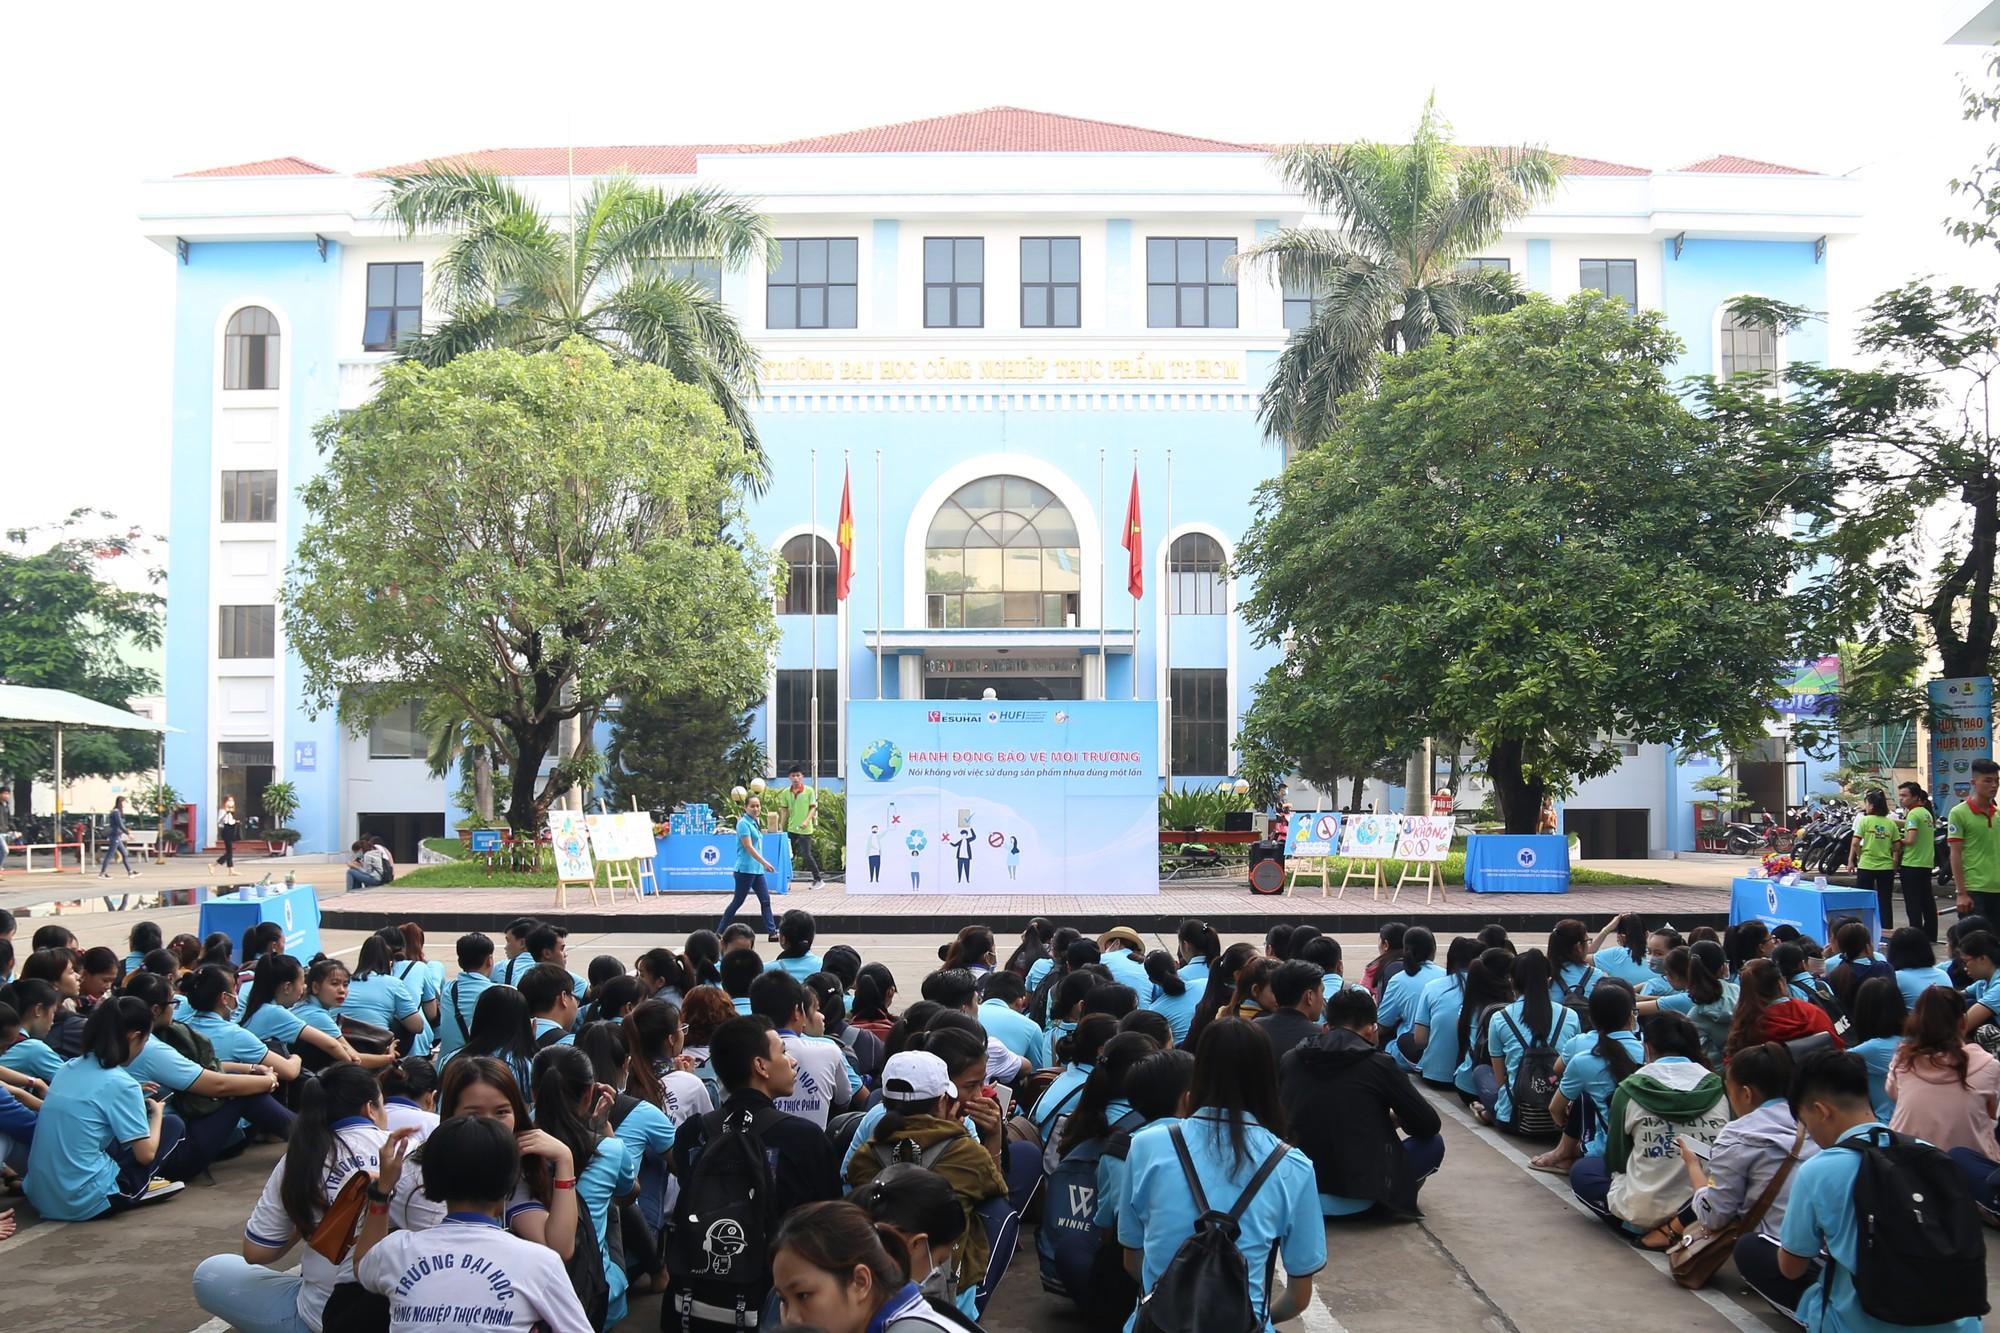 Hệ thống trường THCS THPT Trần Cao Vân tăng cường đầu tư vào trường THPT Trần Quốc Toản - Ảnh 3.